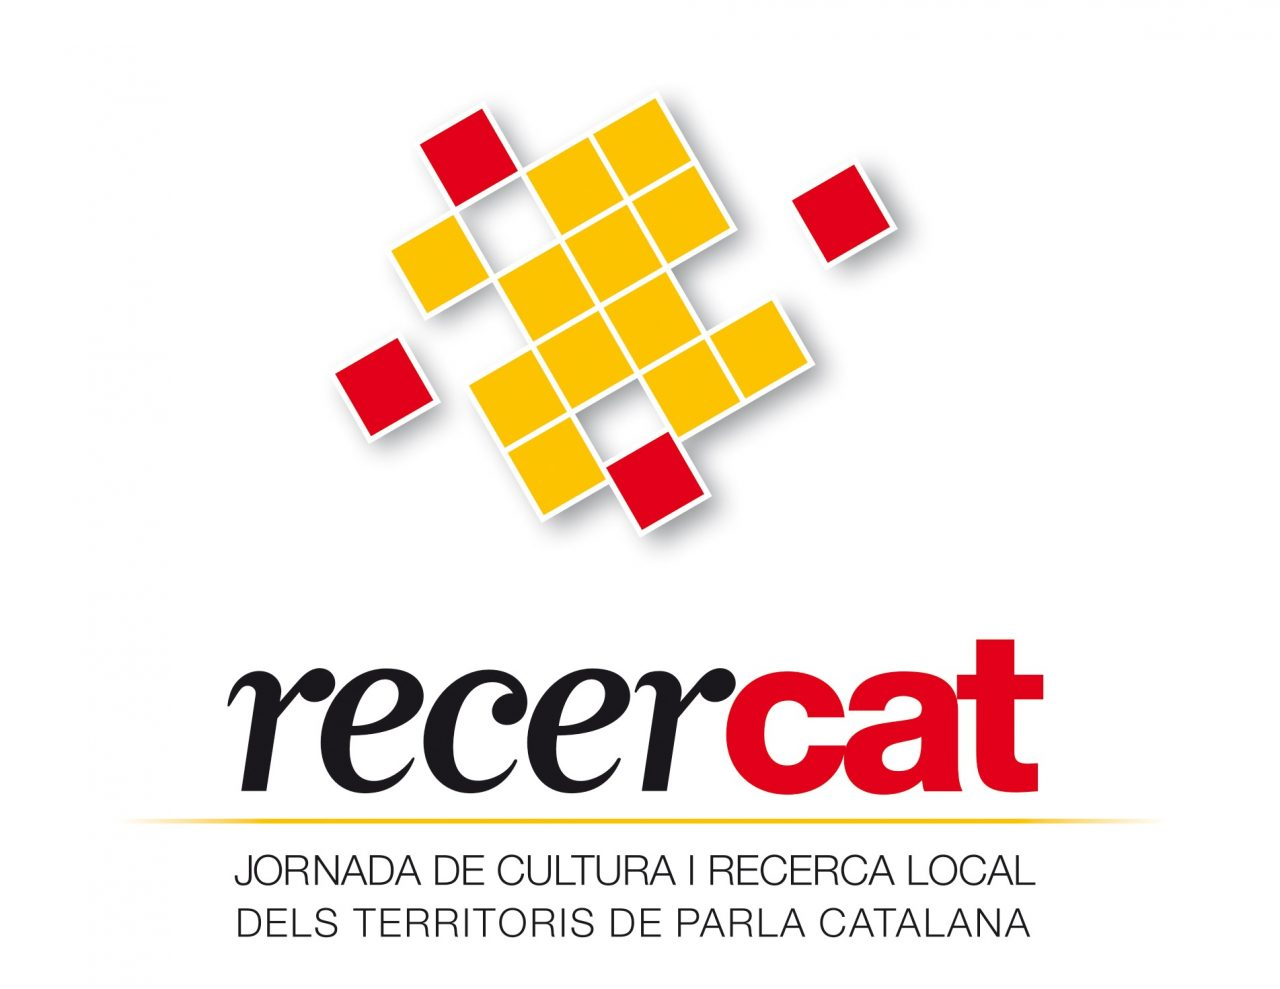 Recercat-1280x989.jpg